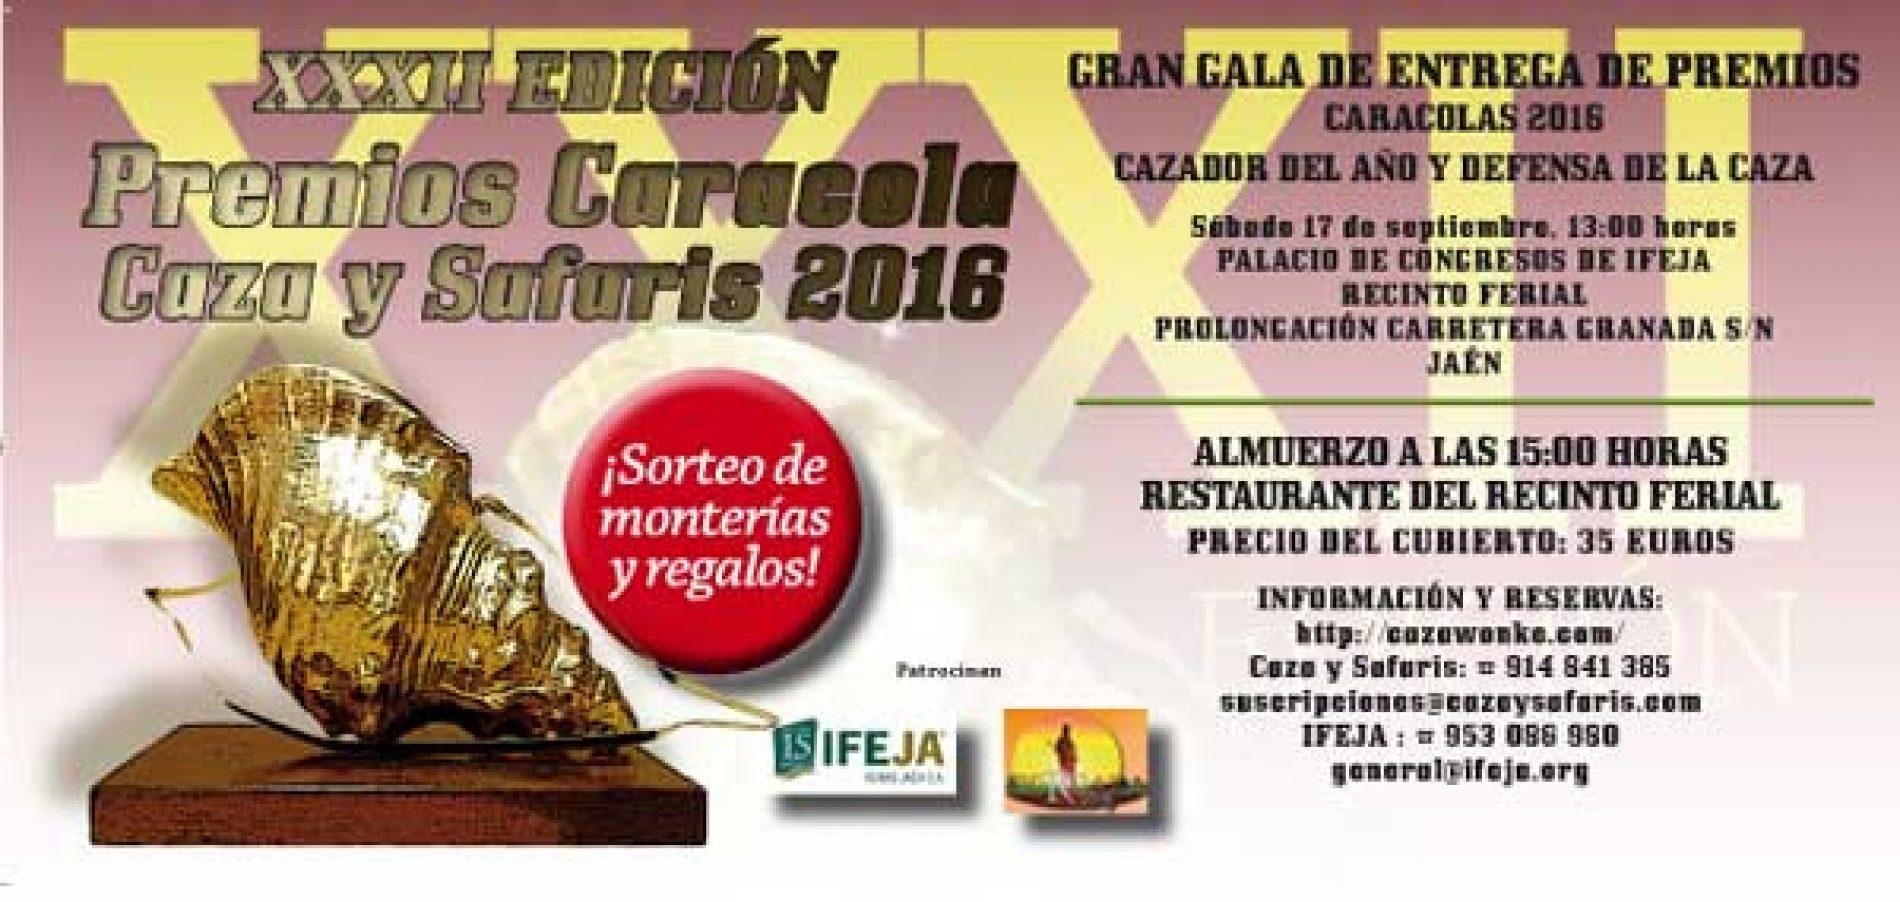 La Asociación Española de Rehalas premiada con la Caracola de oro honorífica